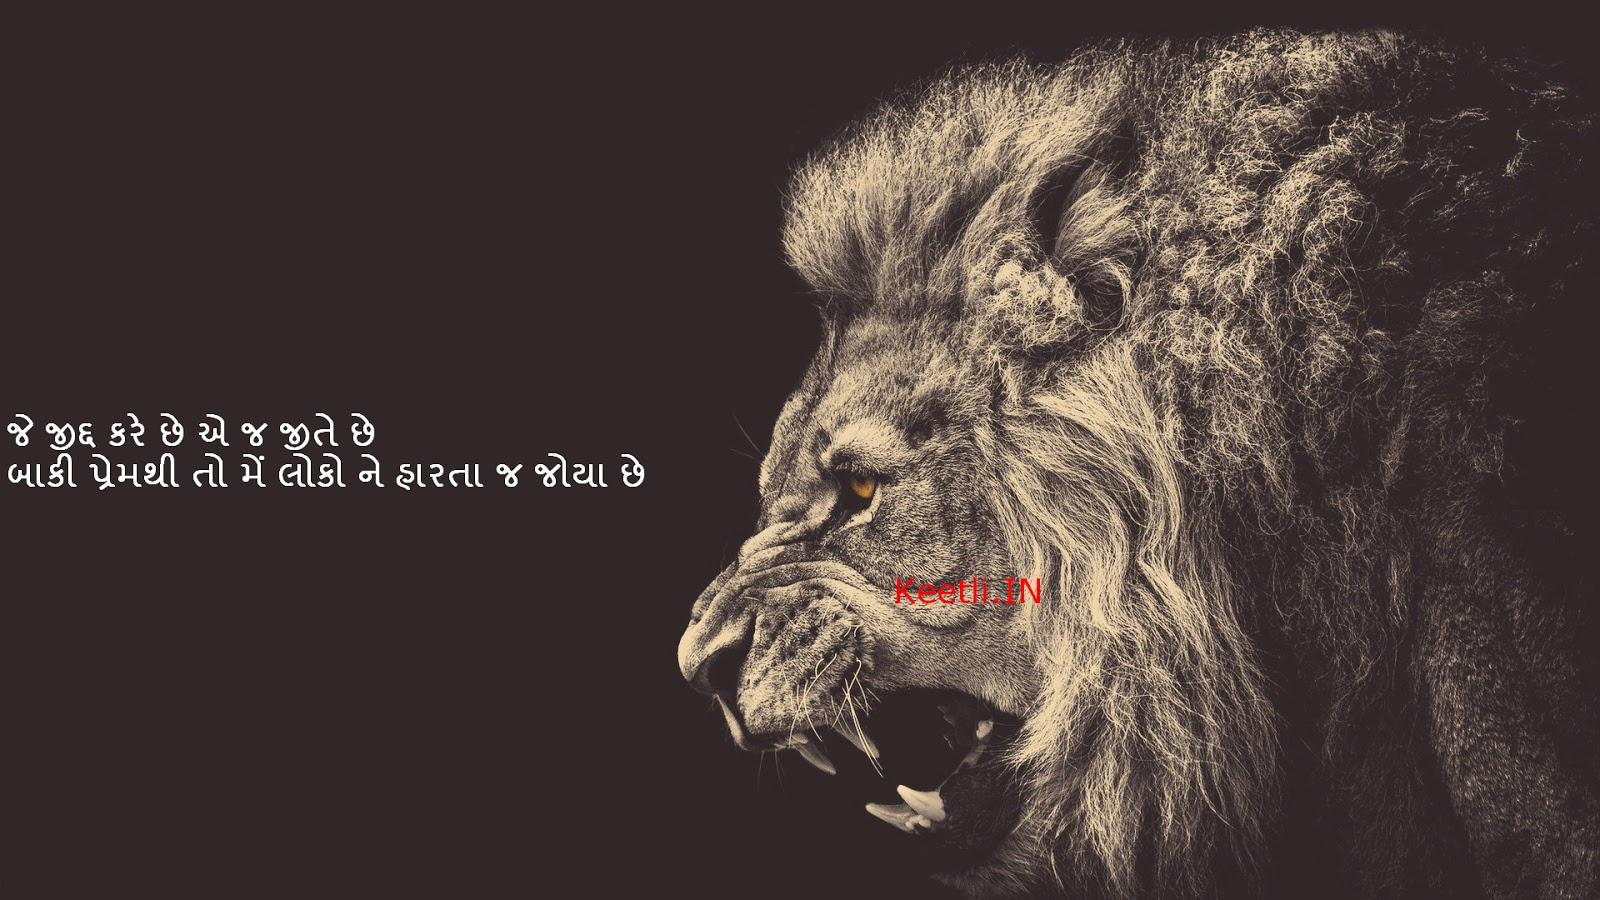 Gujarati Motivational Quotes | Gujarati & Hindi Shayari